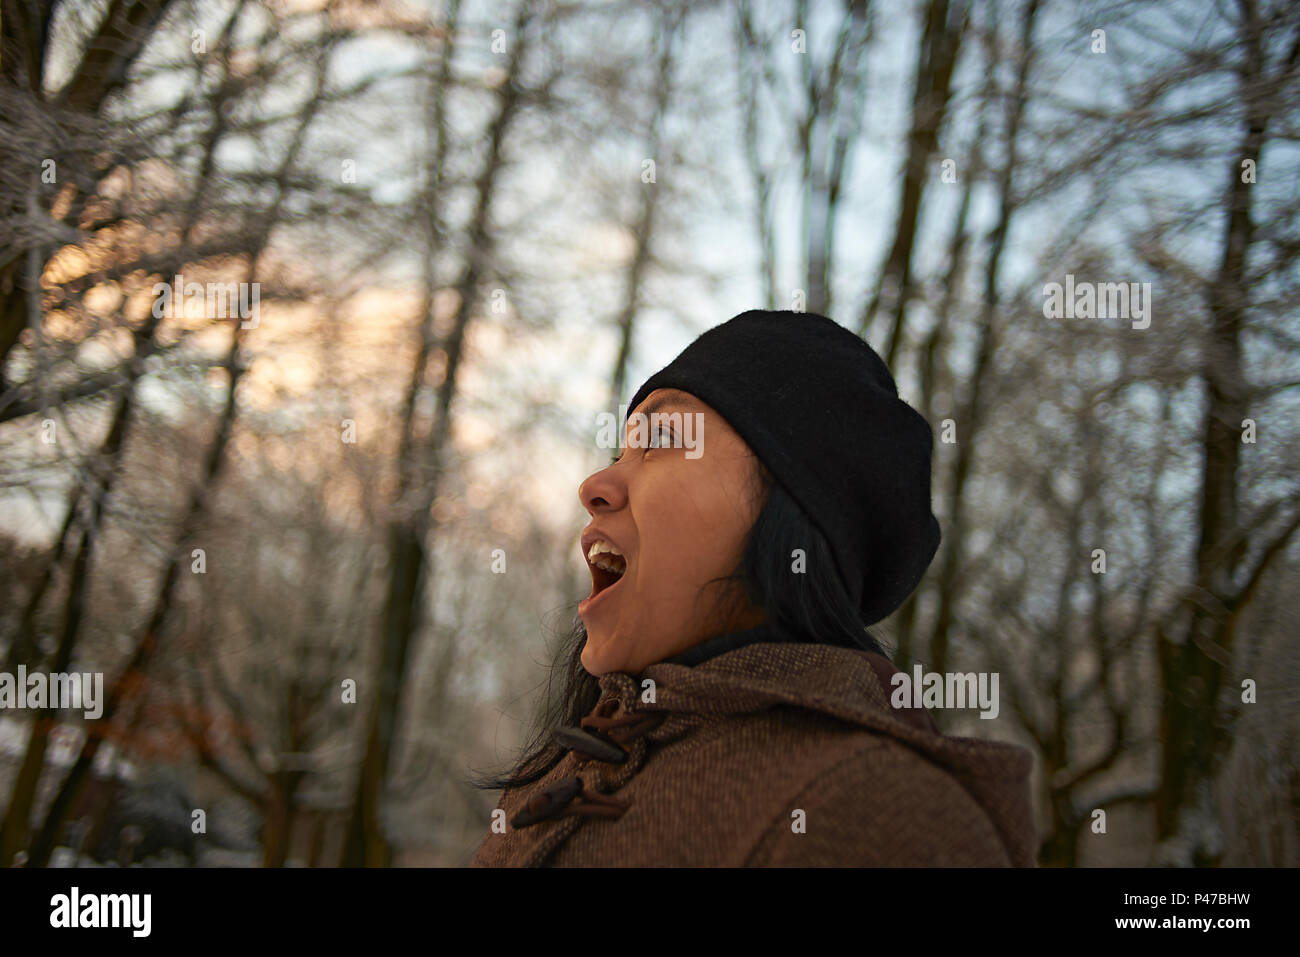 Profil anzeigen von einer asiatischen Frau im Winter Kleidung in einem Wald bei Sonnenaufgang erleben erster Schnee im Winter Sonnenschein Stockfoto